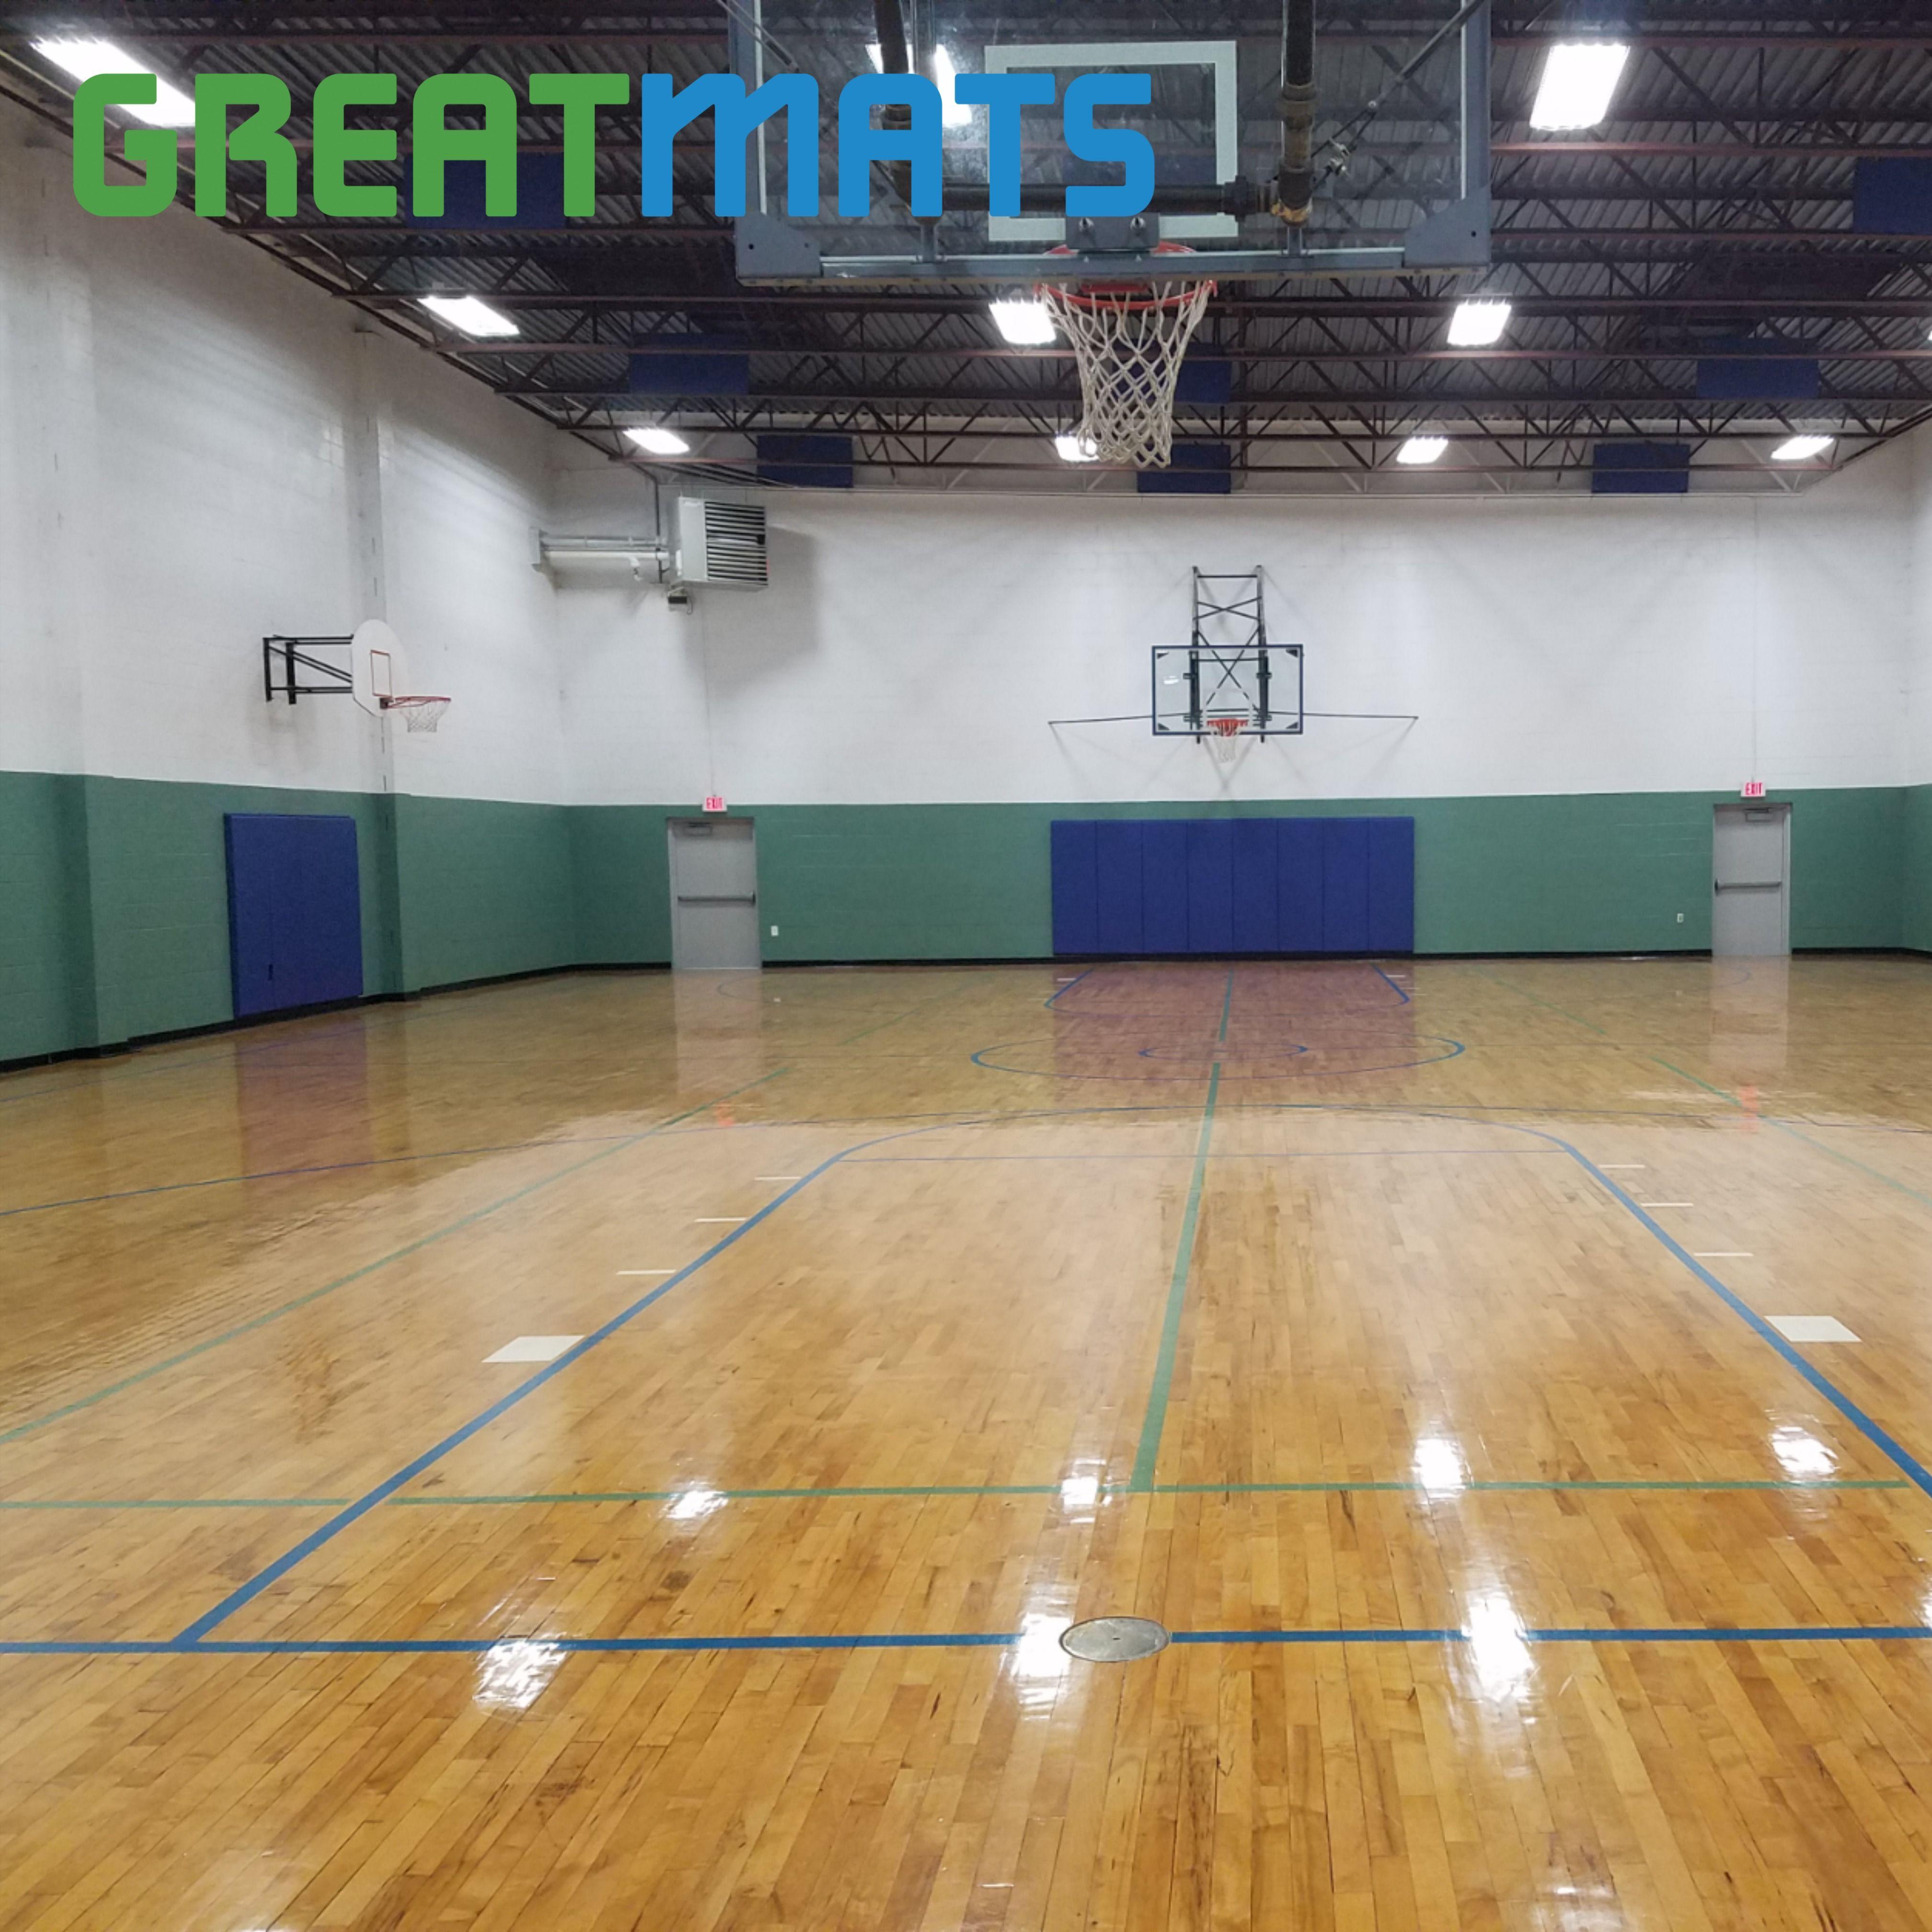 Basketball Wall Pads Workout Room Home Basketball Wall Wall